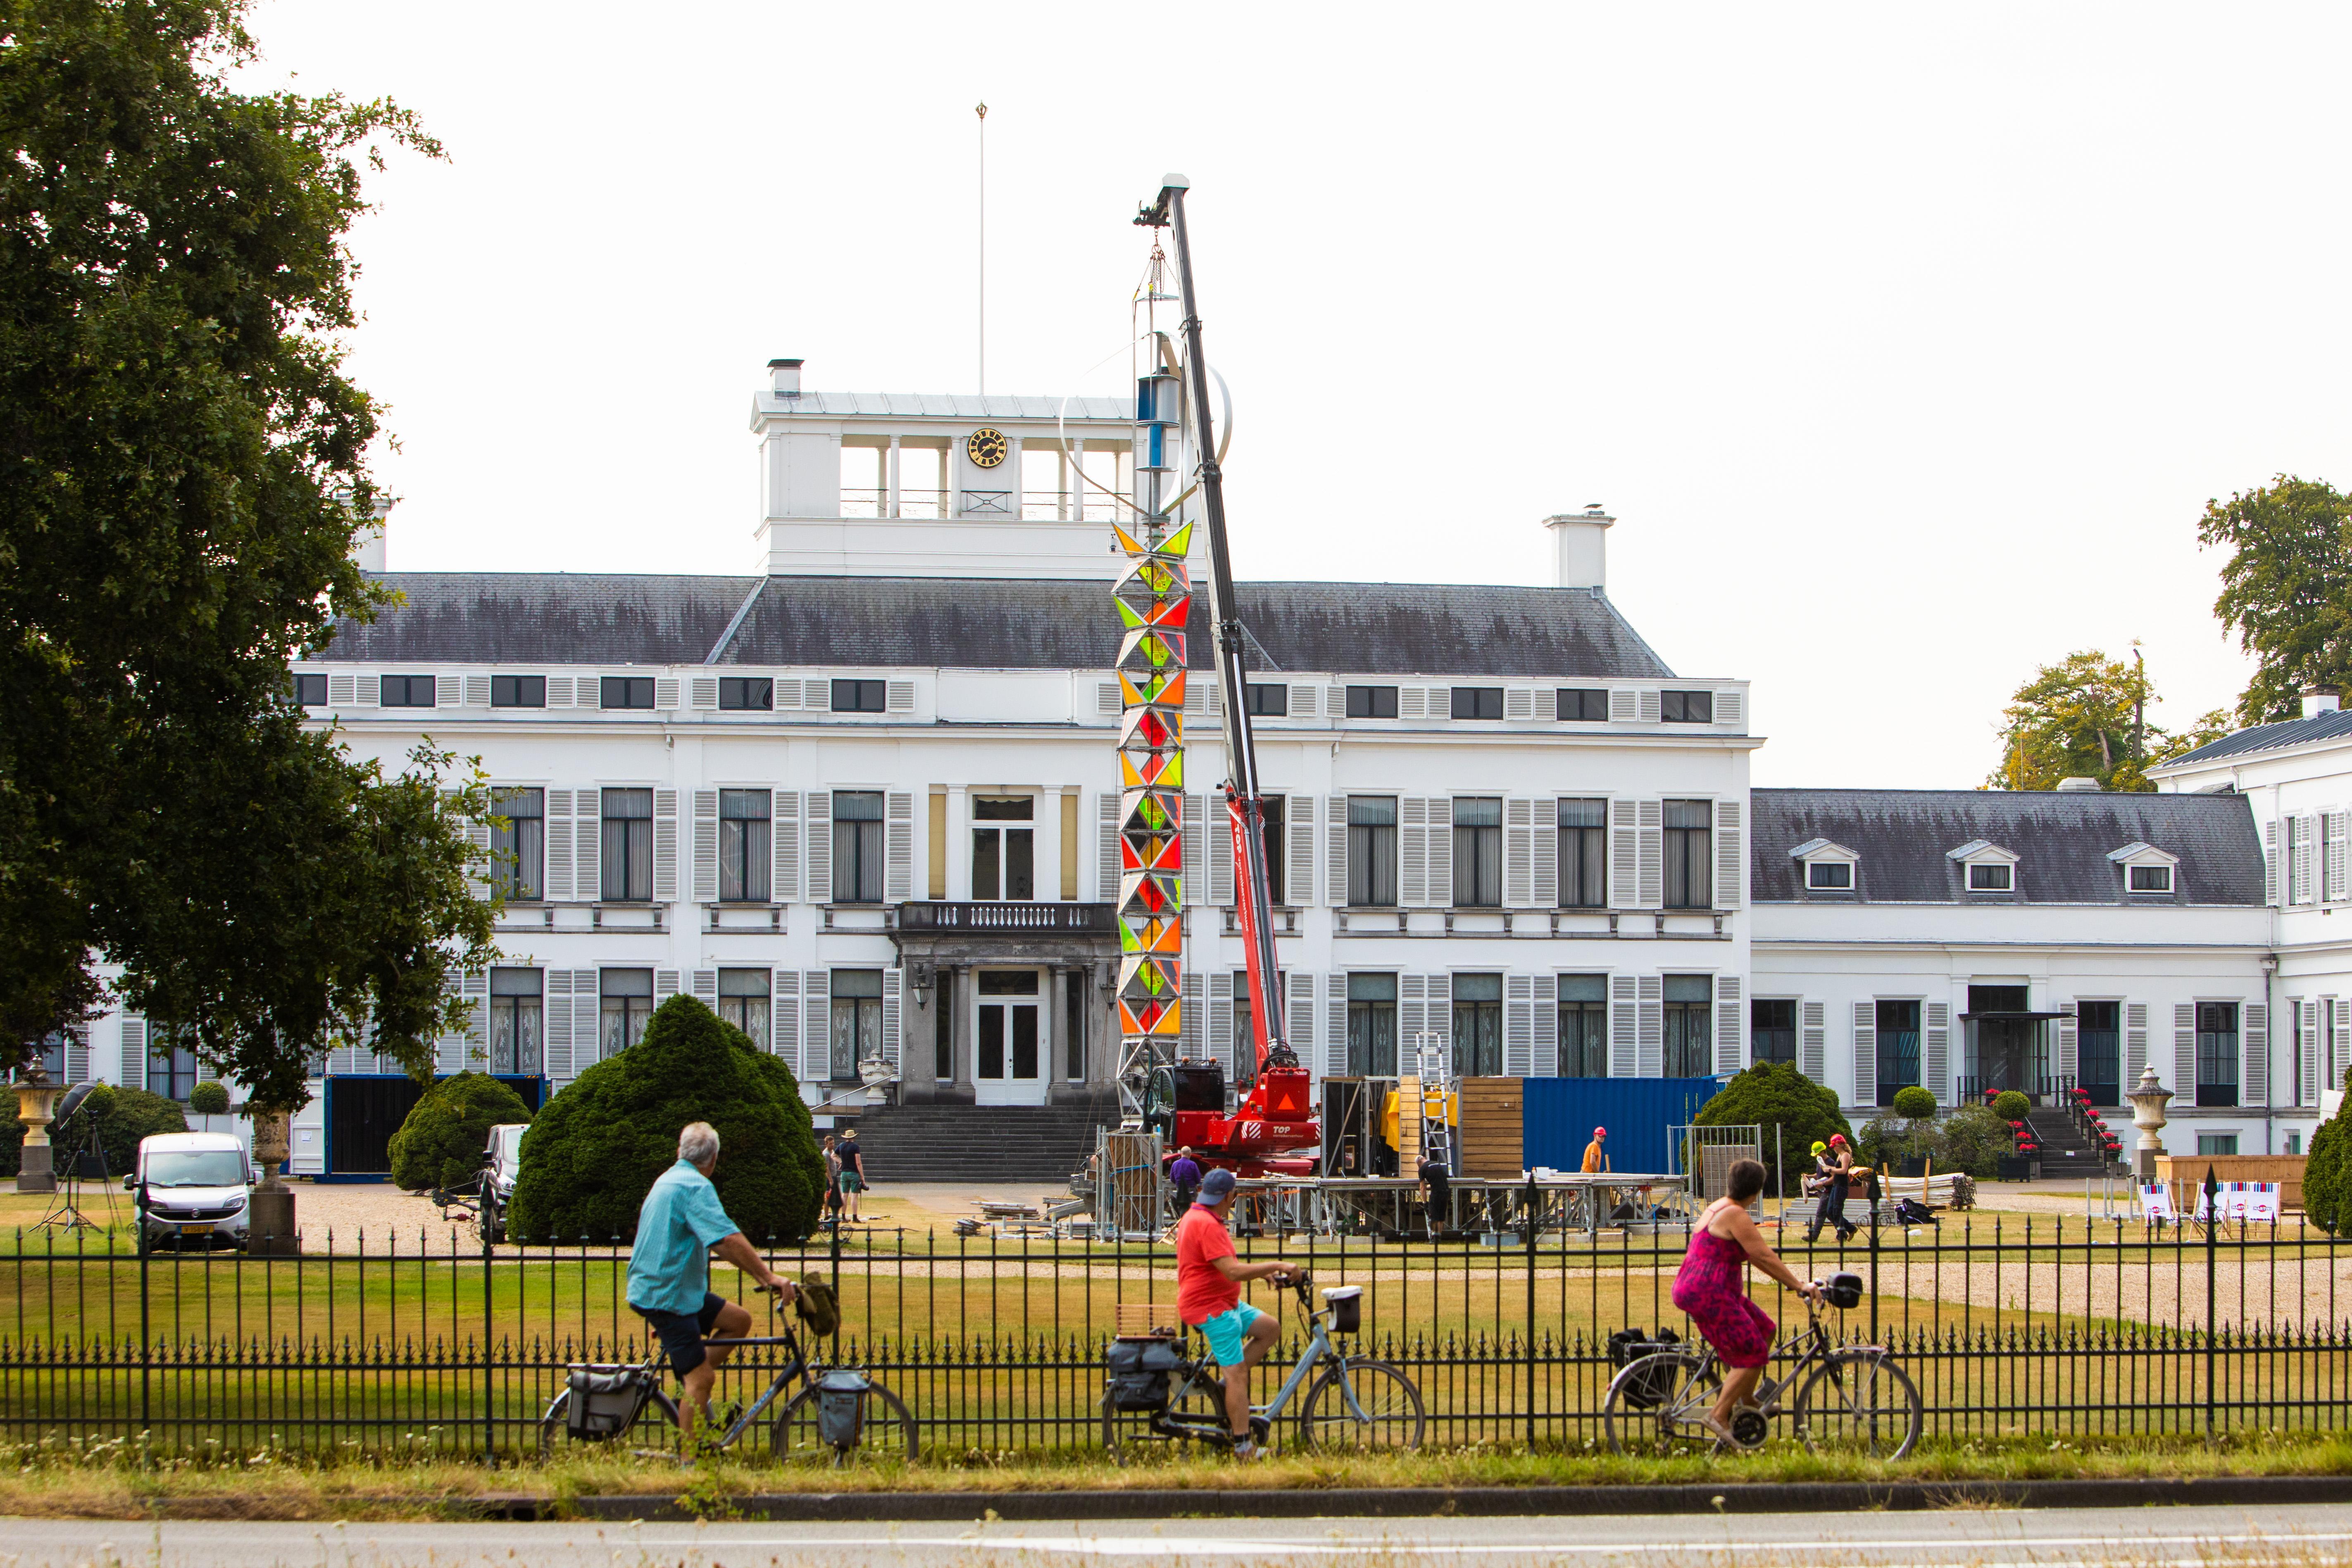 Paleis Soestdijk tijdelijke testlocatie voor GEM-Tower, de leverancier van groene energie bij festivals